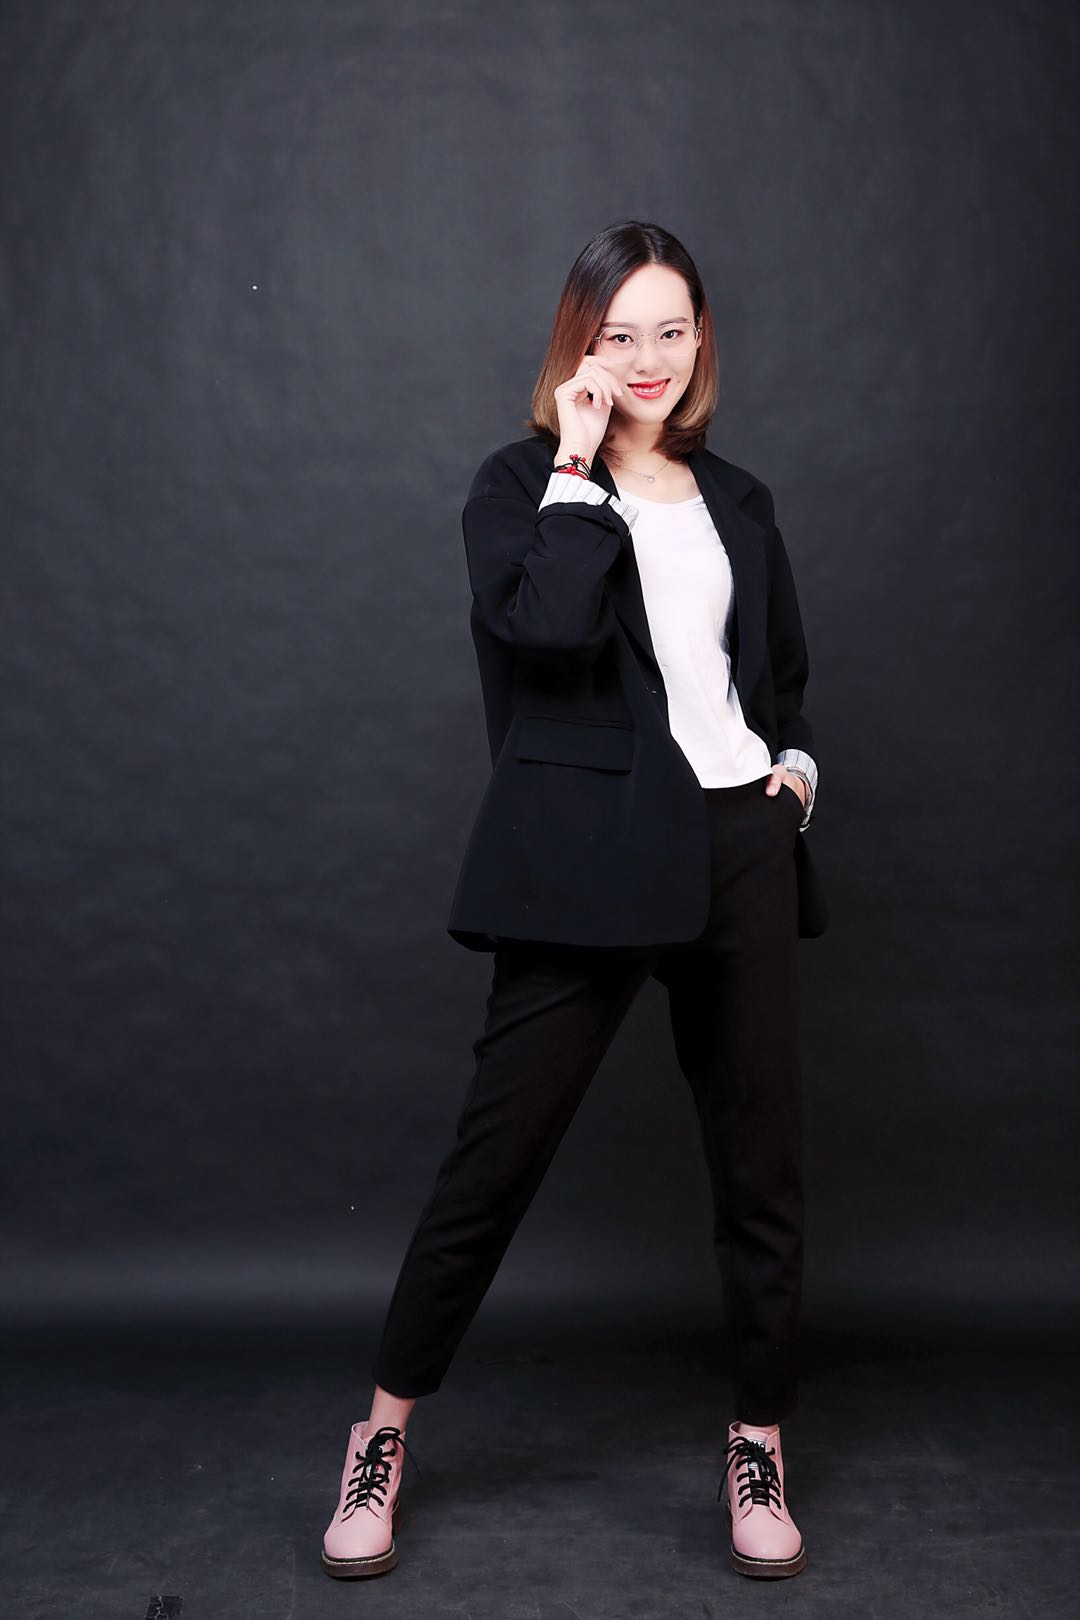 唐山装修设计师戴子薇